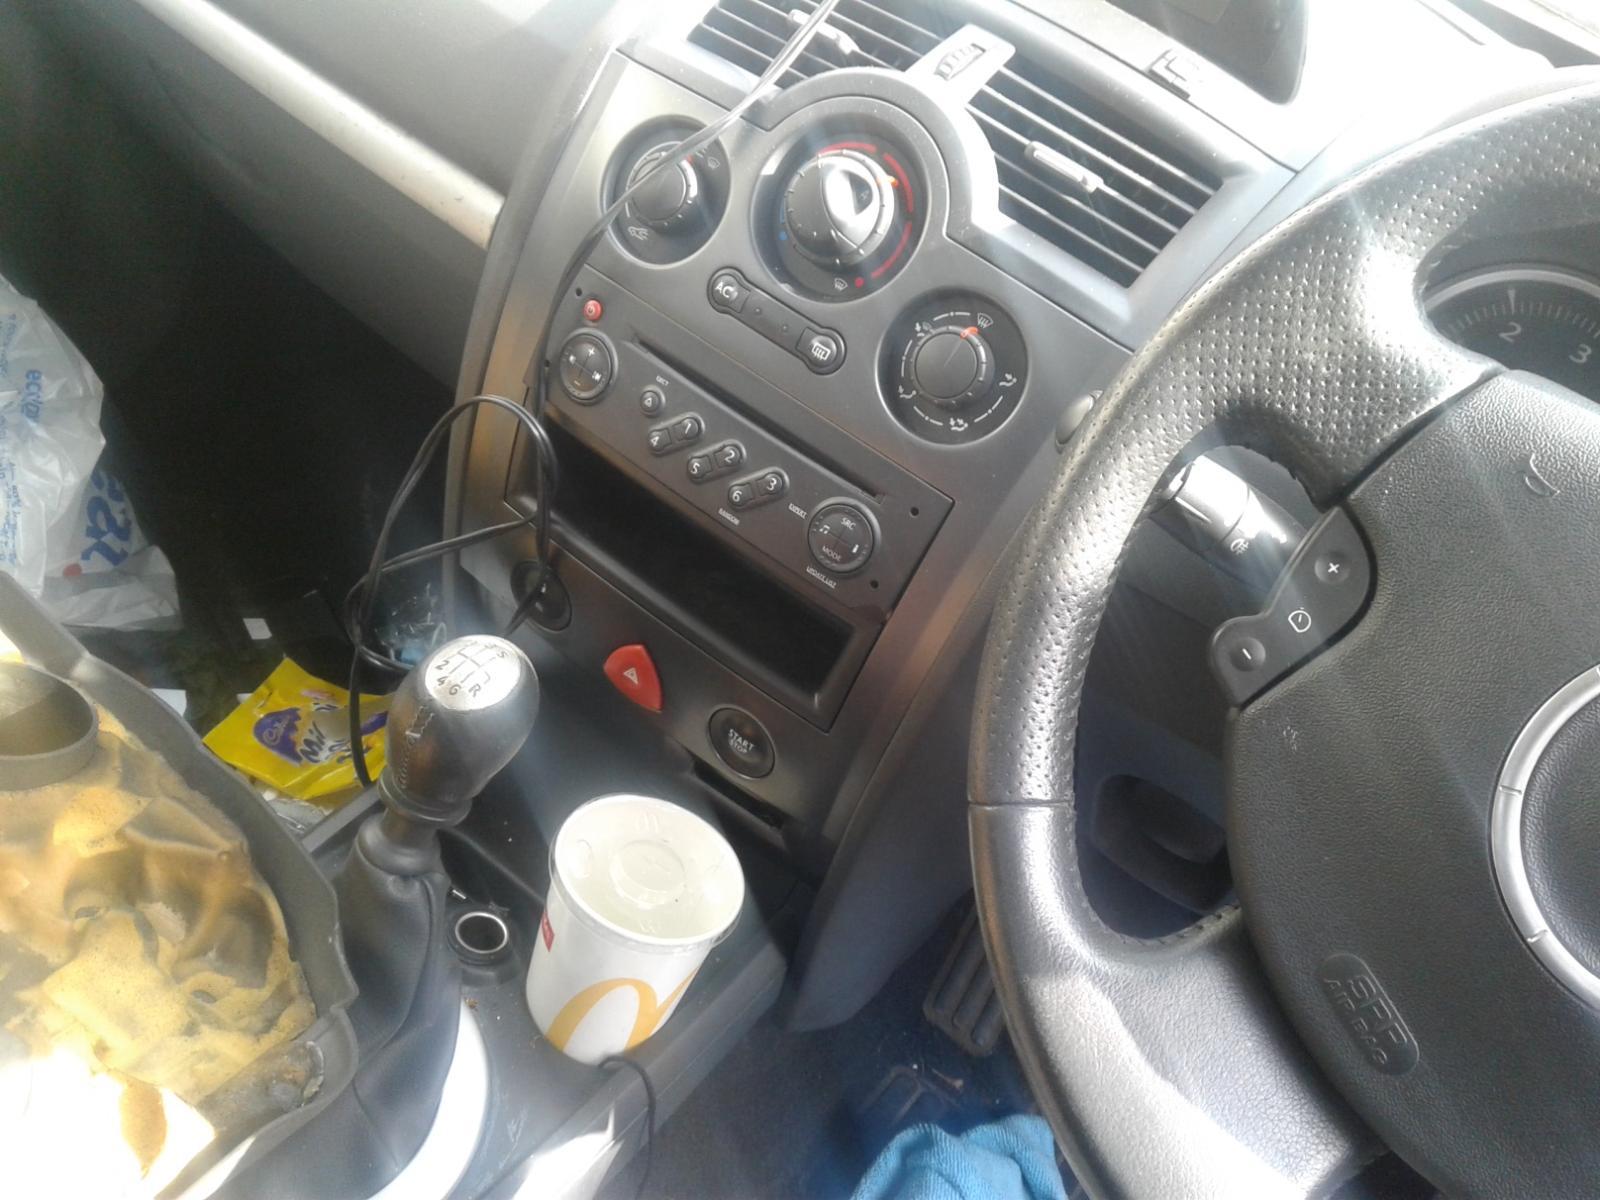 View Auto part RENAULT MEGANE 2008 5 Door Hatchback